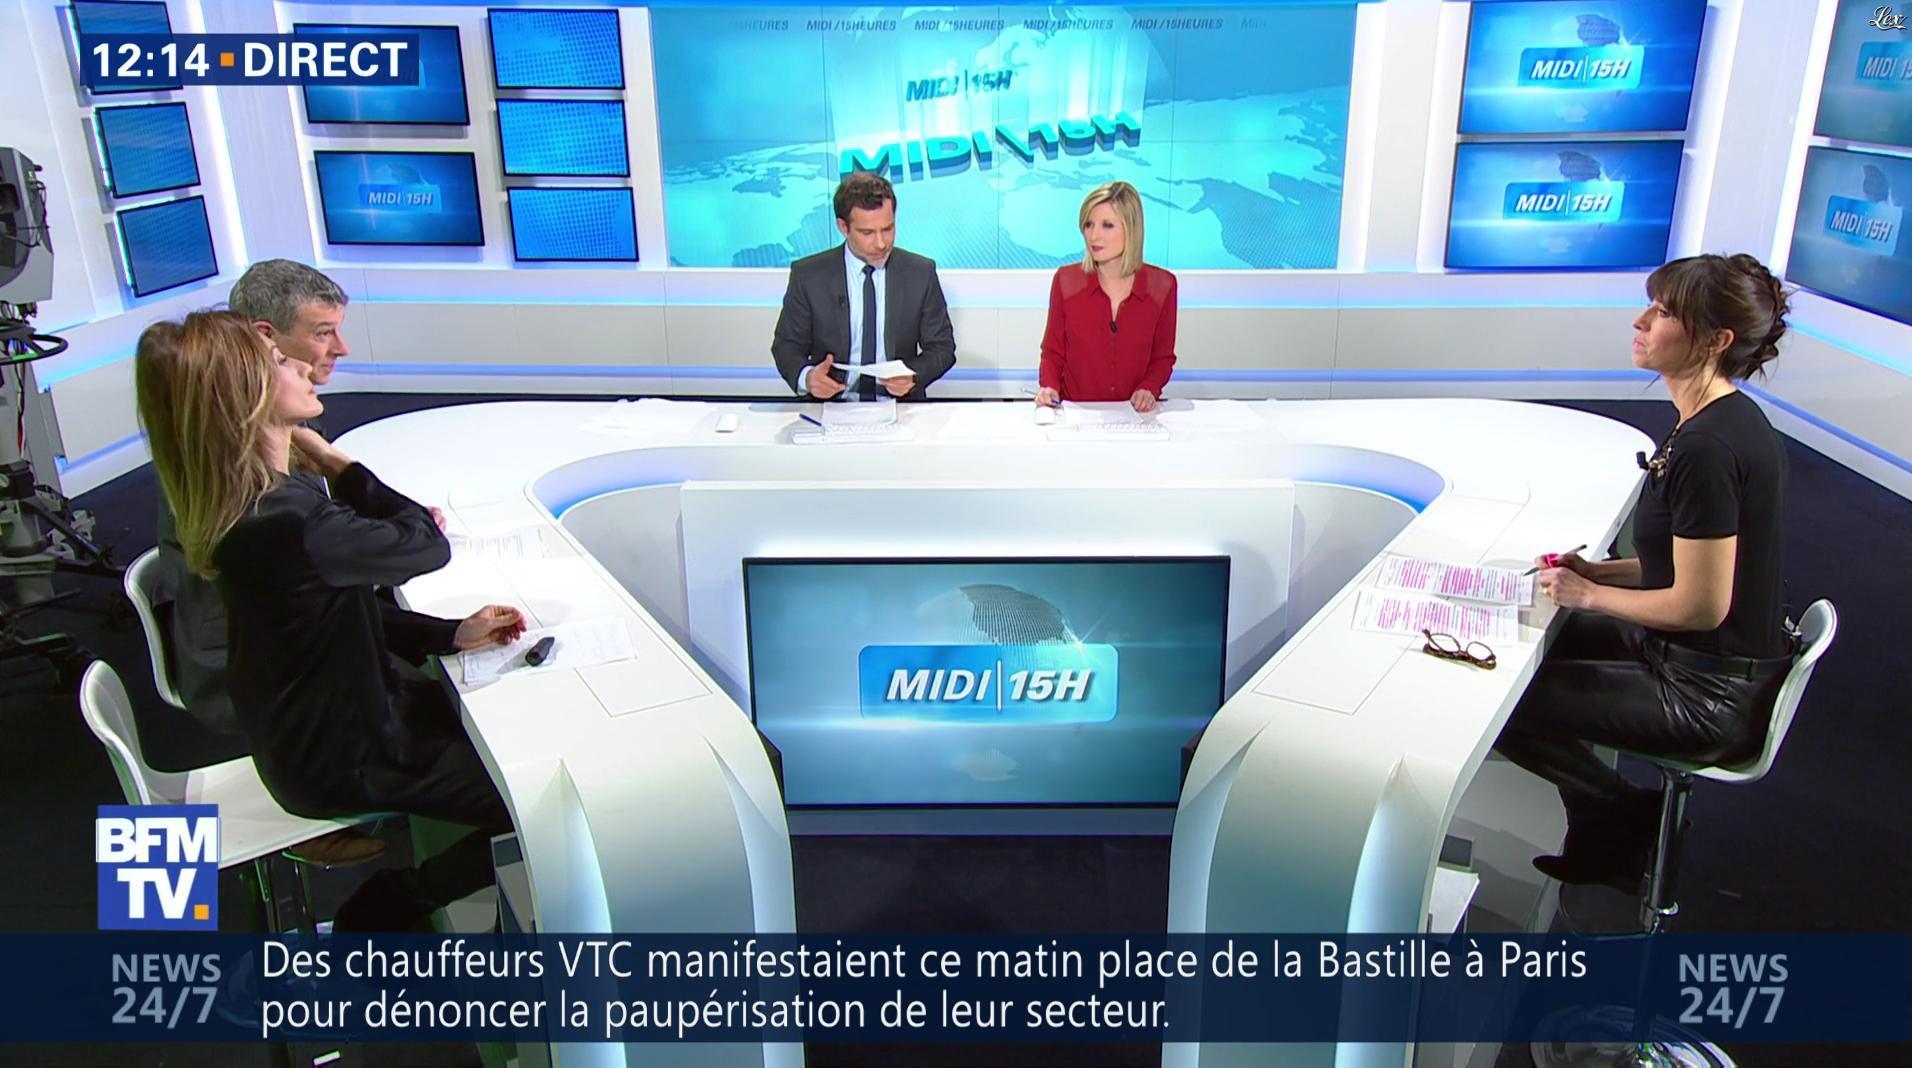 Candice Mahout dans le Midi-15h. Diffusé à la télévision le 16/01/17.